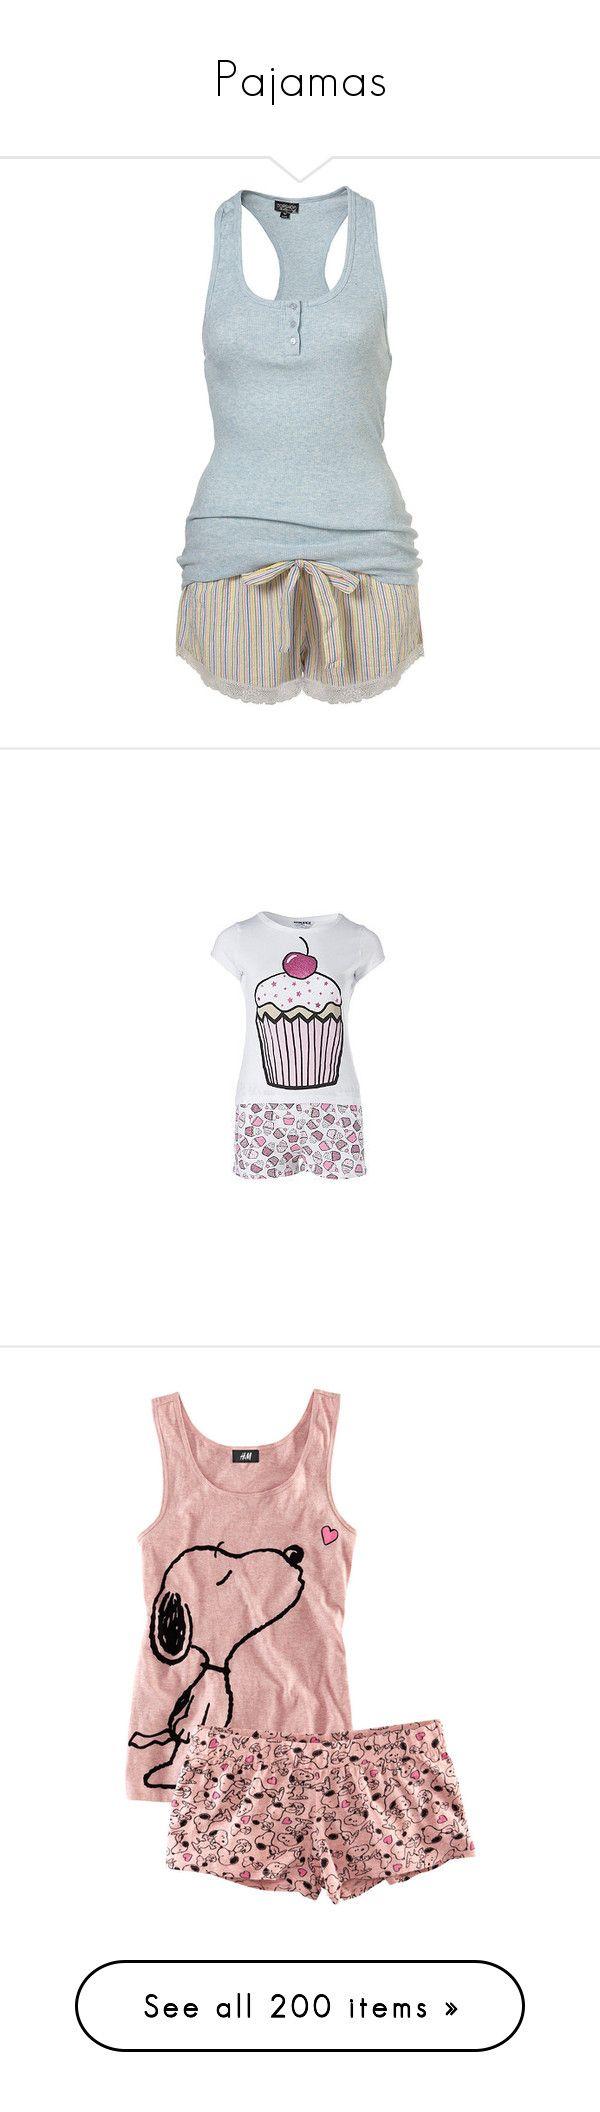 """""""Pajamas"""" by blaizeg ❤ liked on Polyvore featuring intimates, sleepwear, pajamas, pijamas, pyjamas, sleep, women, striped pyjamas, cotton pajamas and cotton pyjamas"""